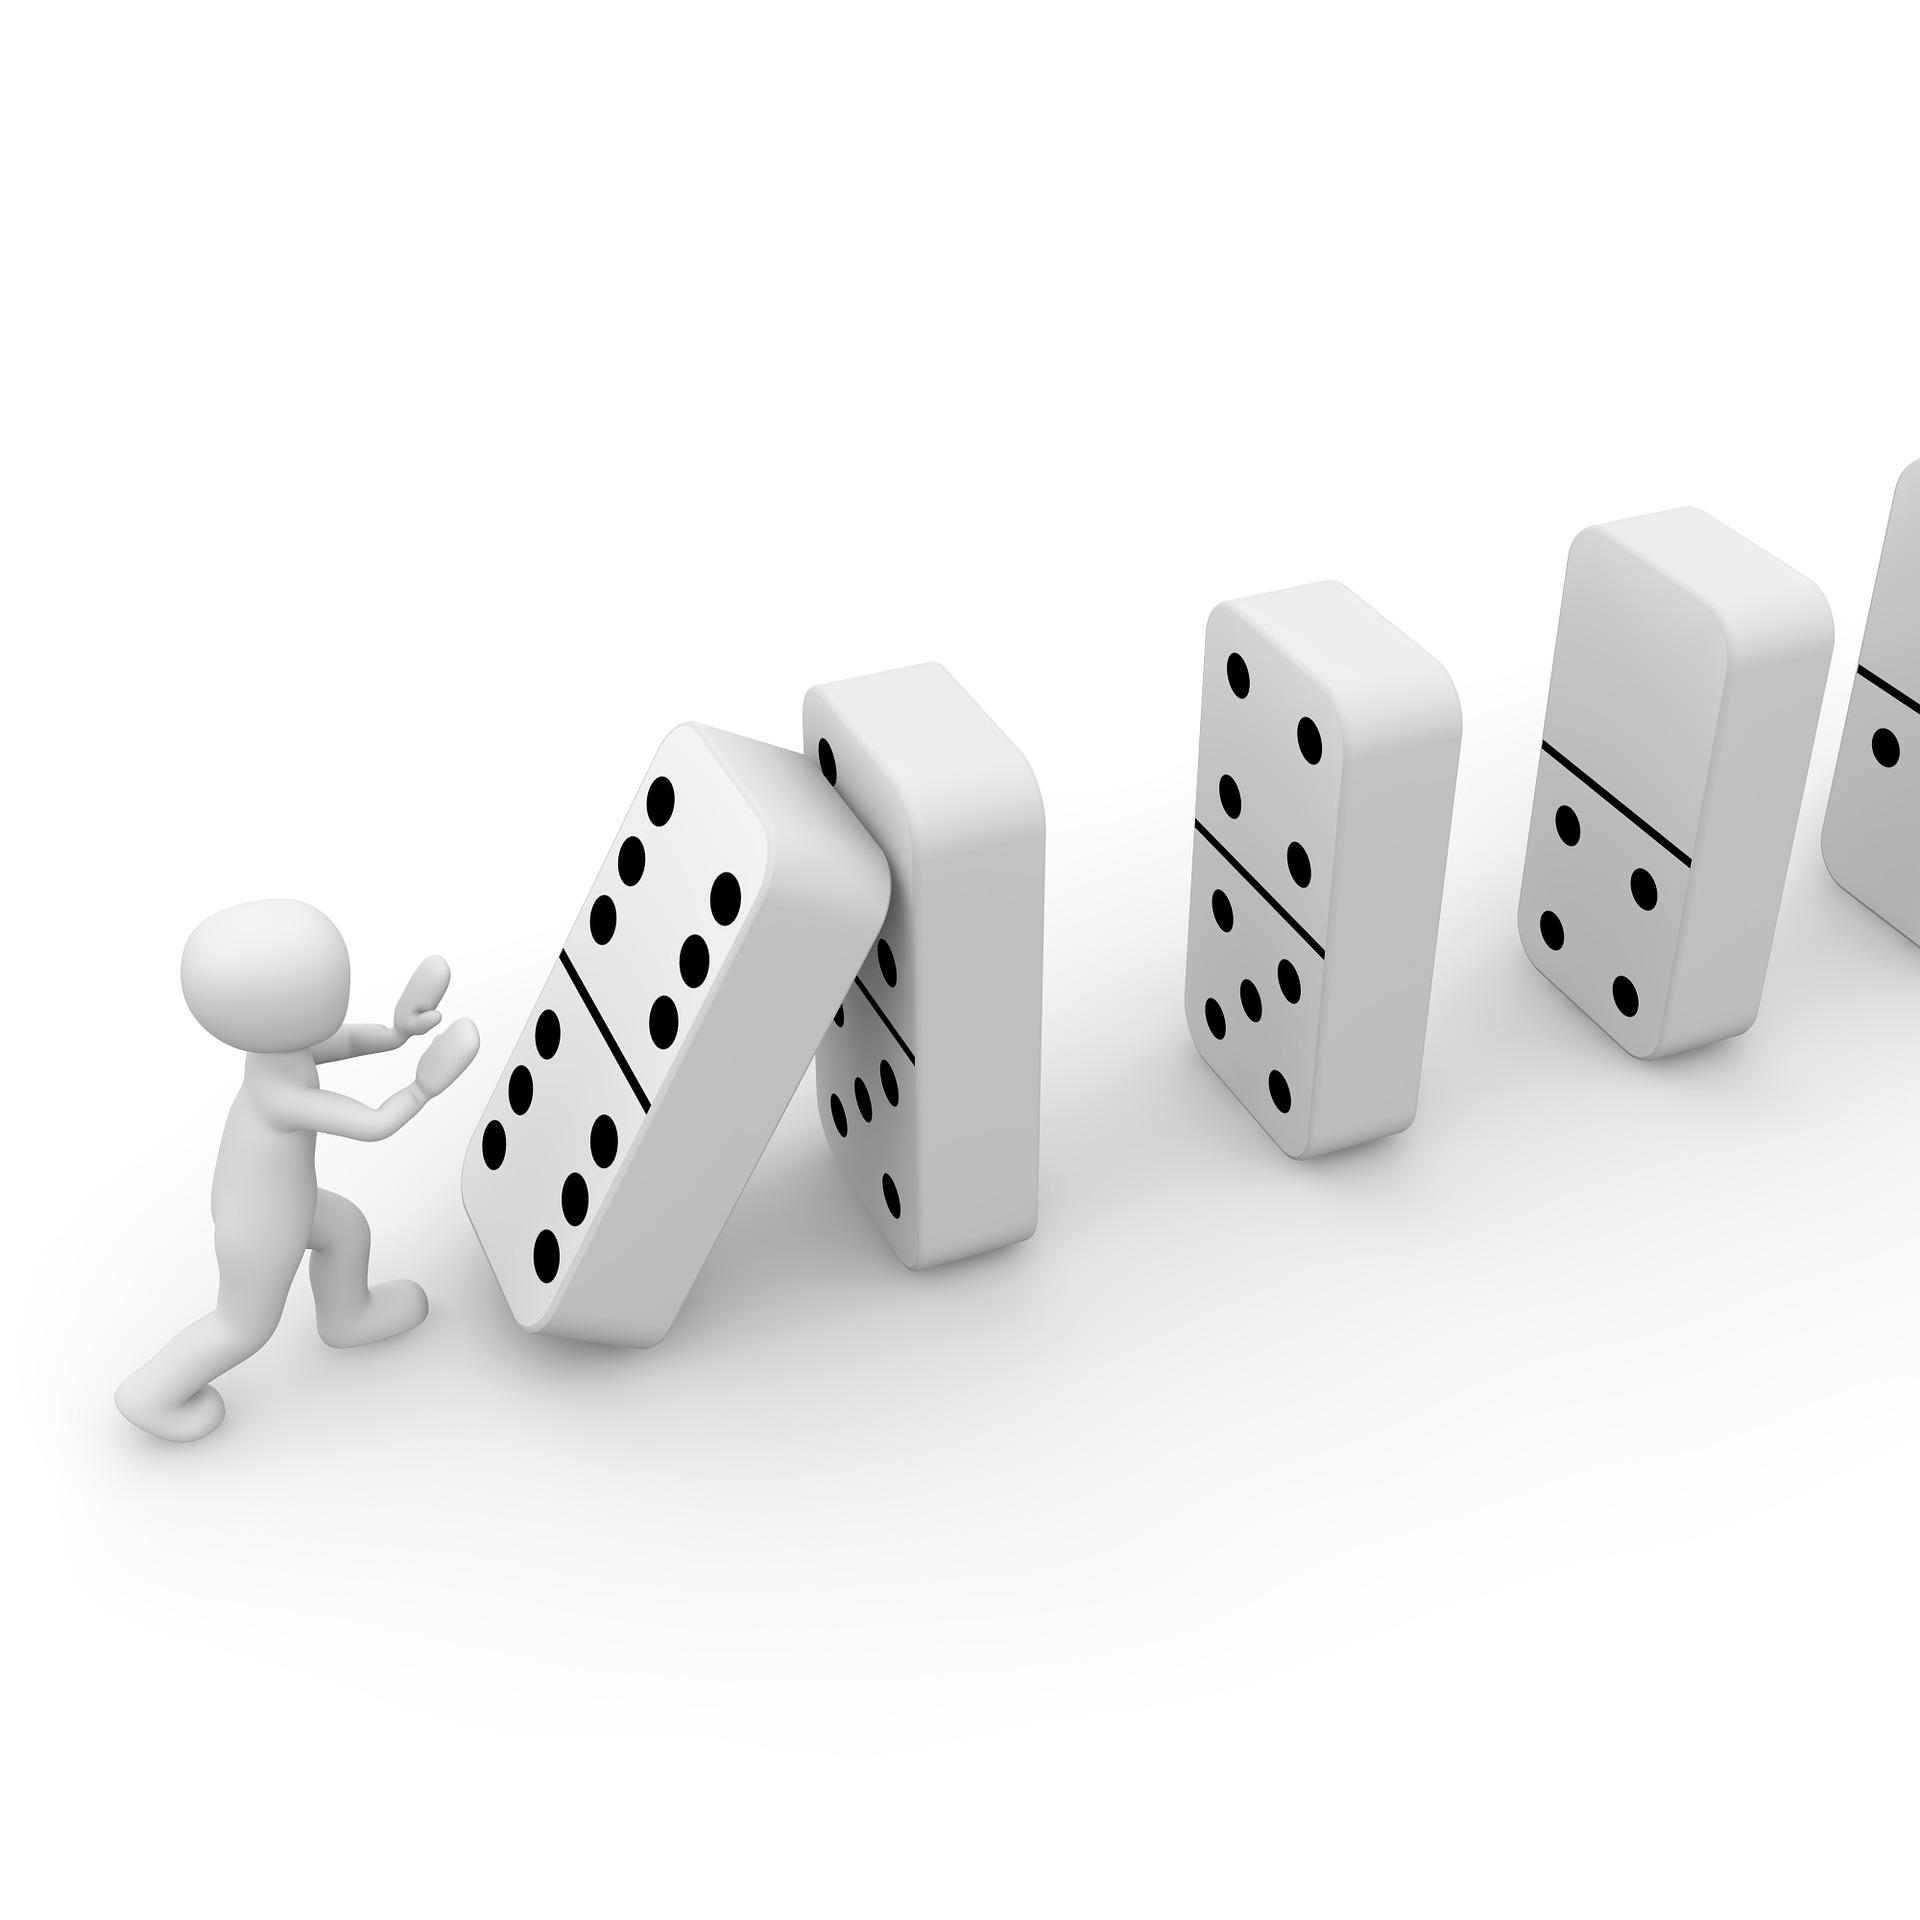 3D-människa puttar på dominobrickor.